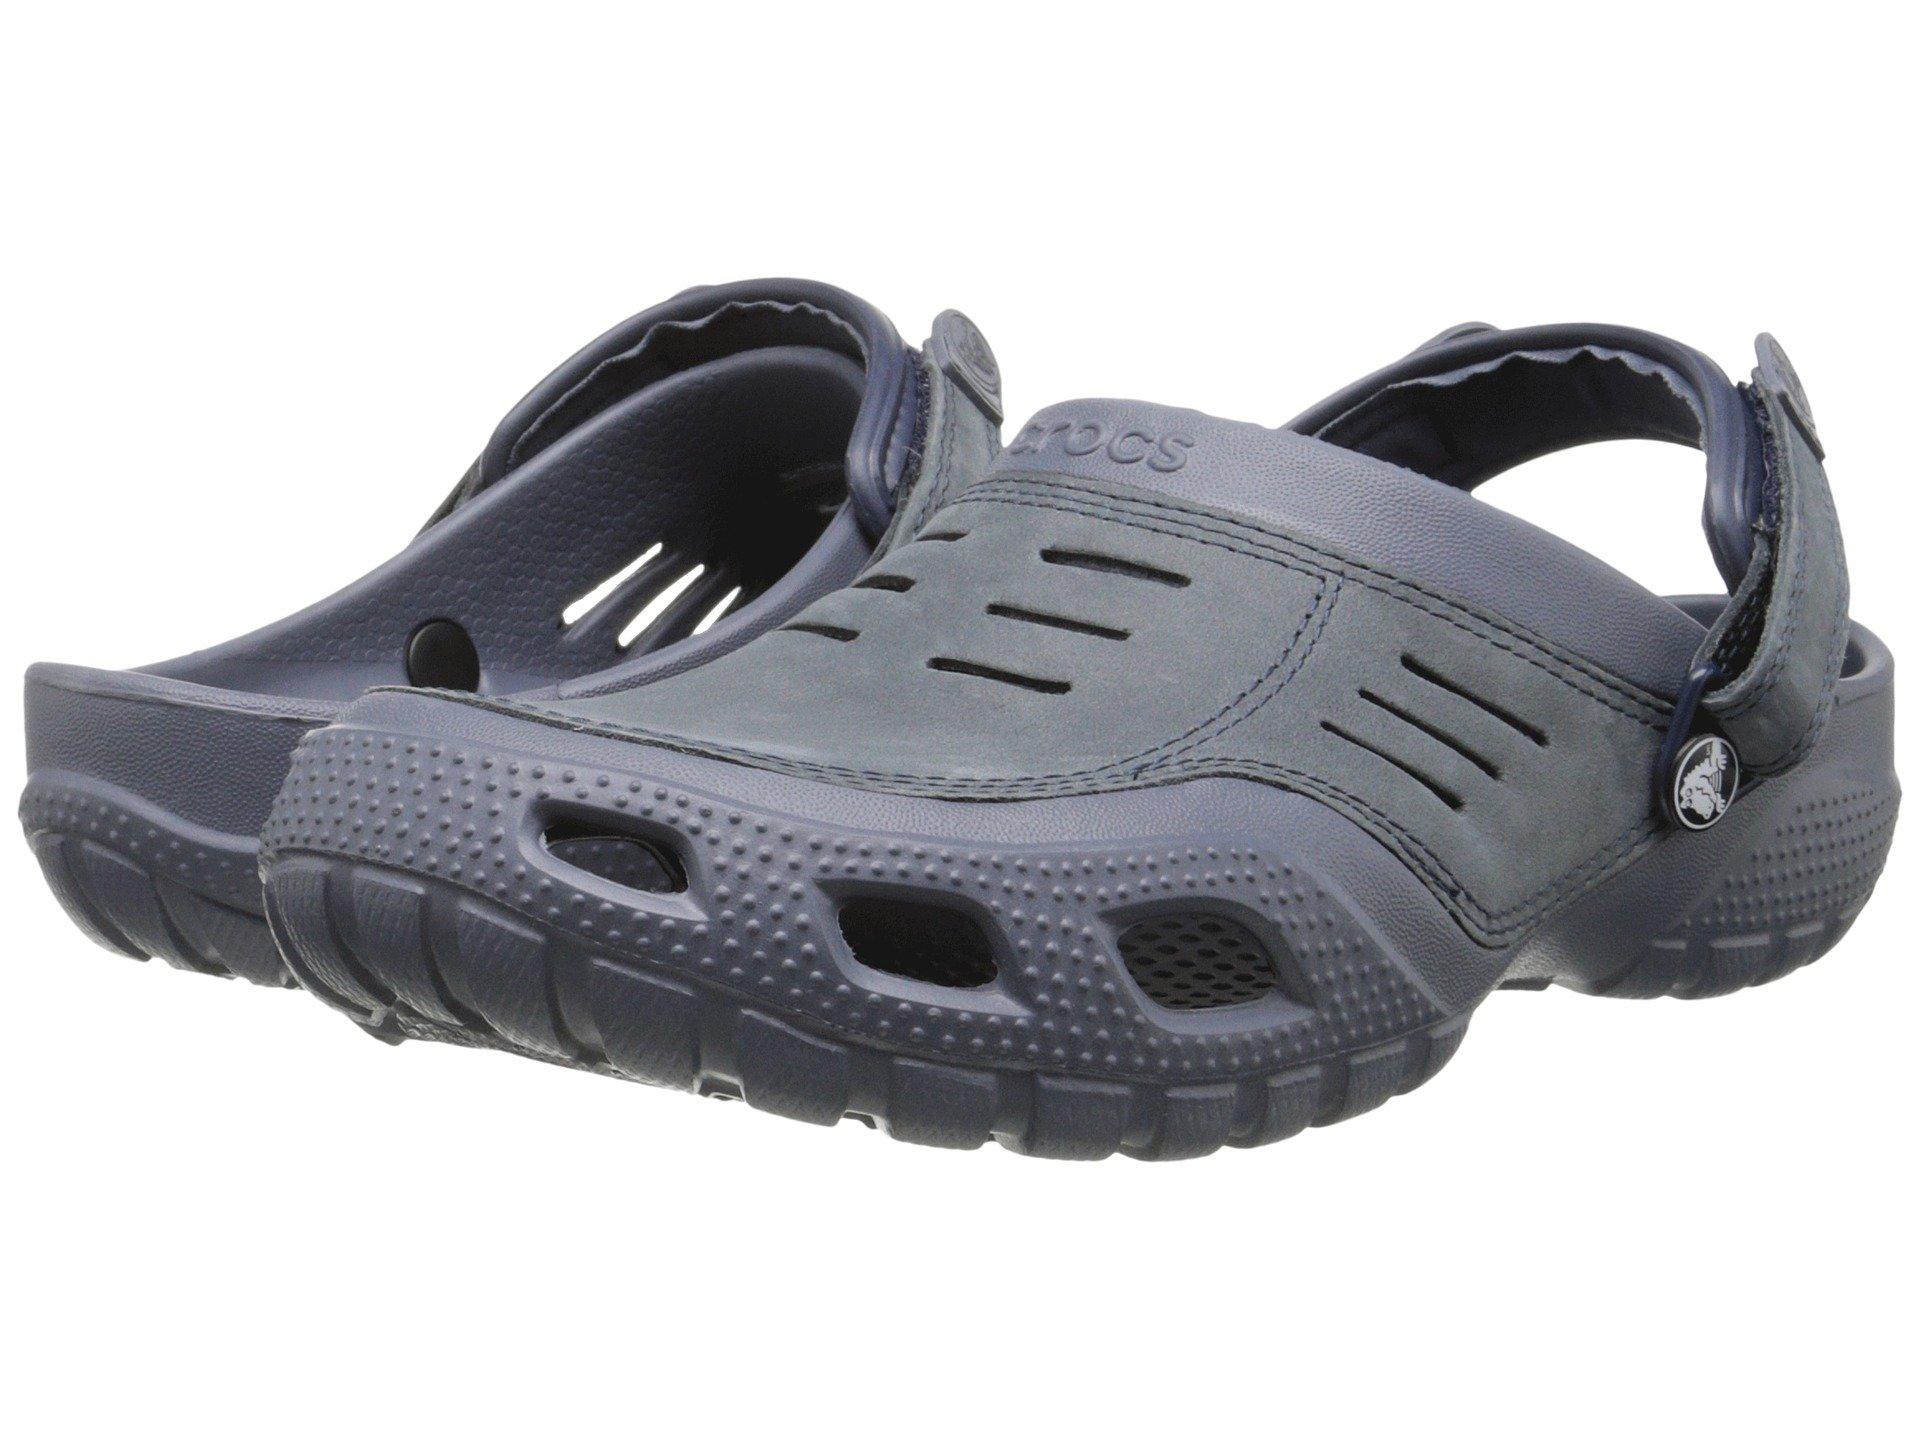 Calzado Sin Talon para Hombre Crocs Yukon Sport  + Crocs en VeoyCompro.net